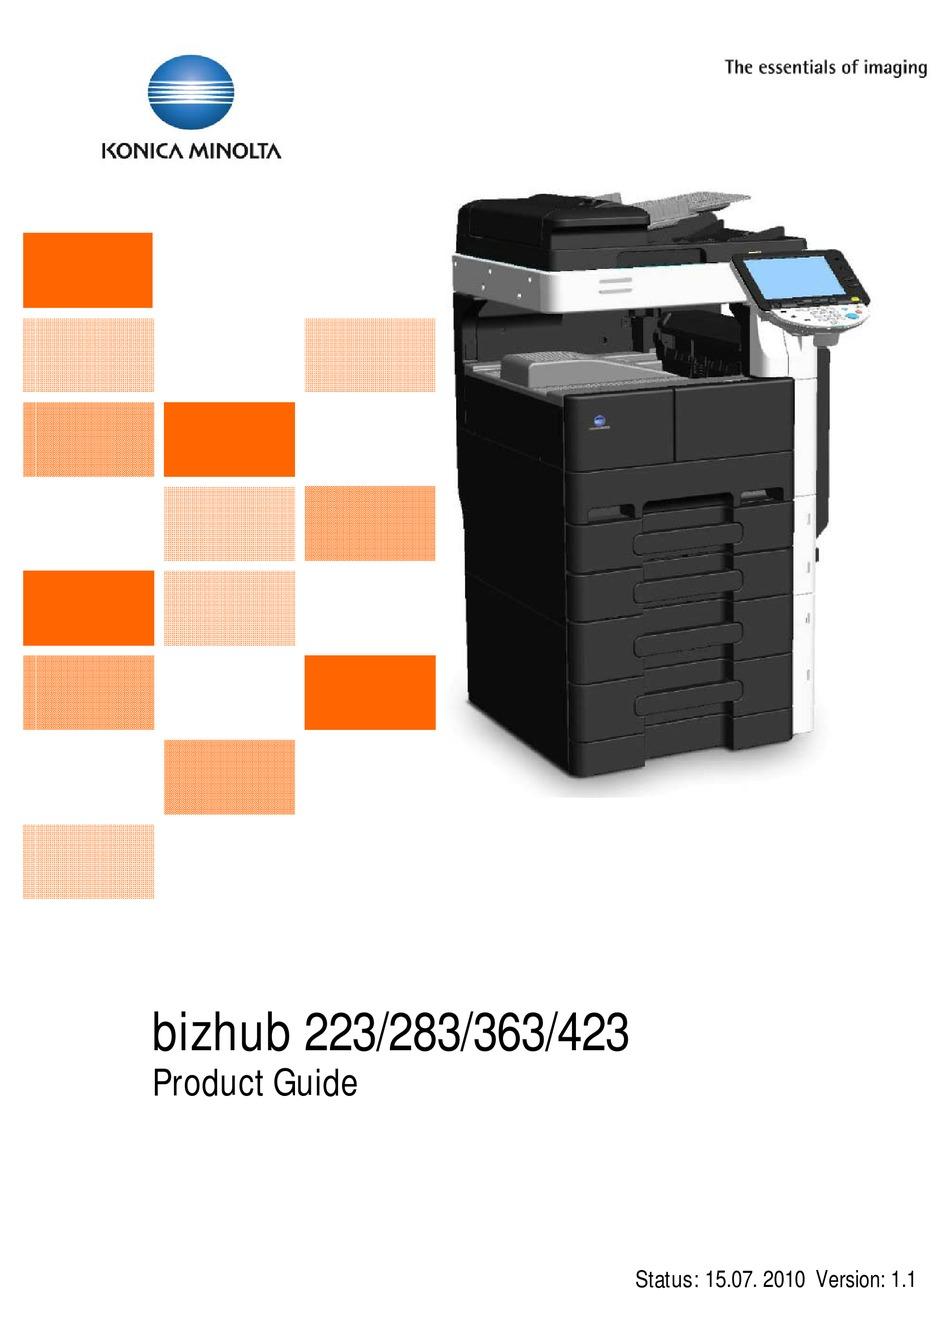 KONICA MINOLTA fax KIT FK-508 for BH 223 BH 283 BH 363 BH 423